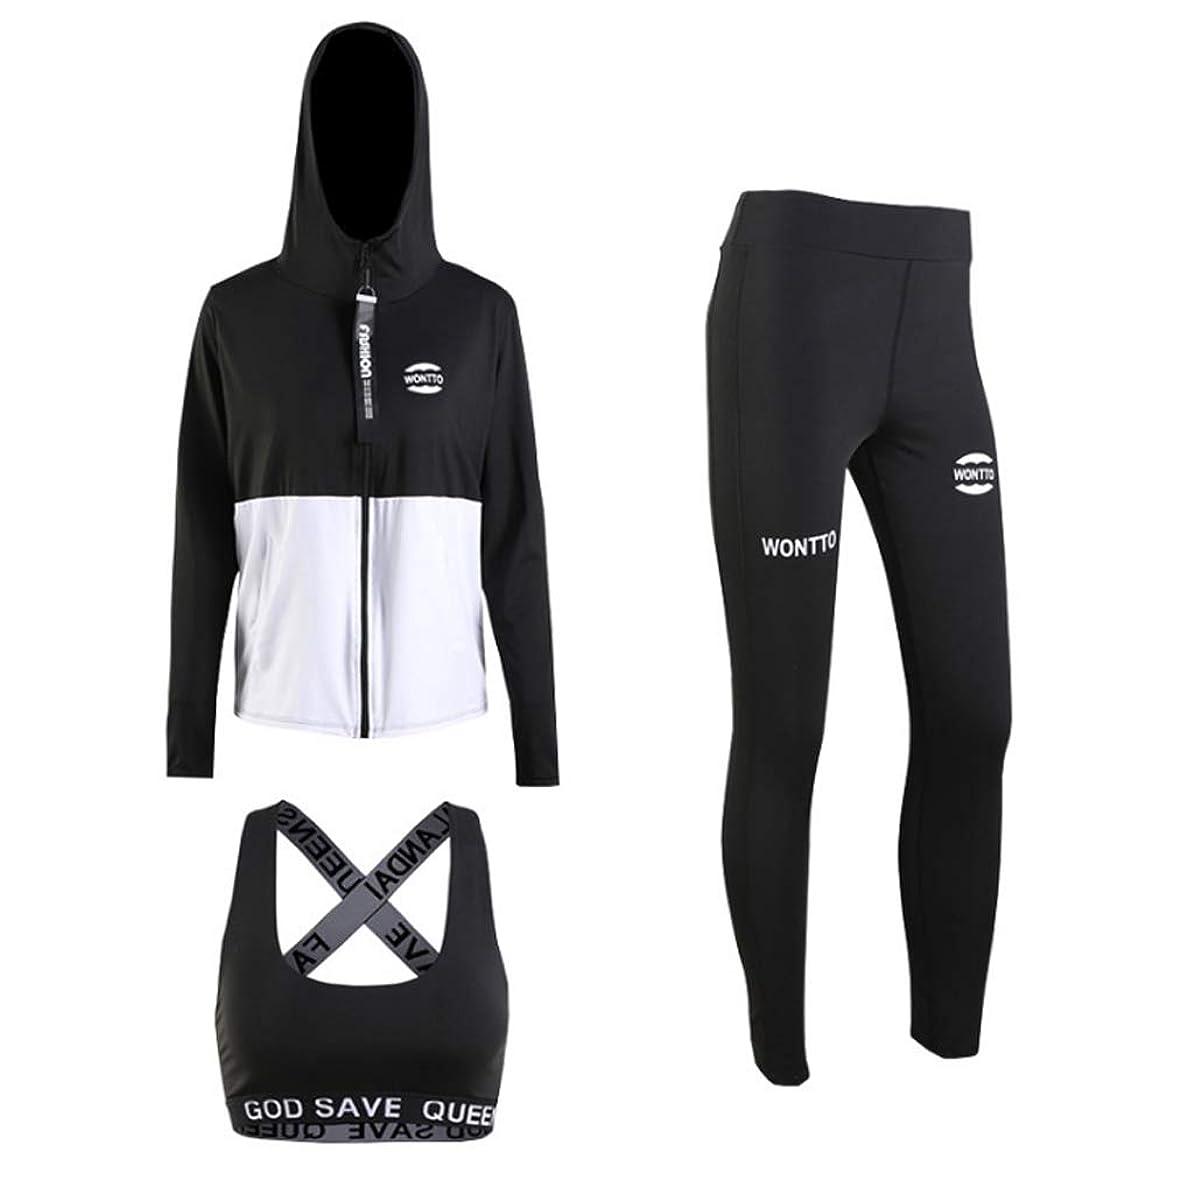 ワット変更株式会社フィットネスウェアスーツ長袖フード付きジャケットストレッチパンツスリーピースランニングスポーツヨガの服フィットネスウェアスポーツウェア (Color : 1, Size : XXL)